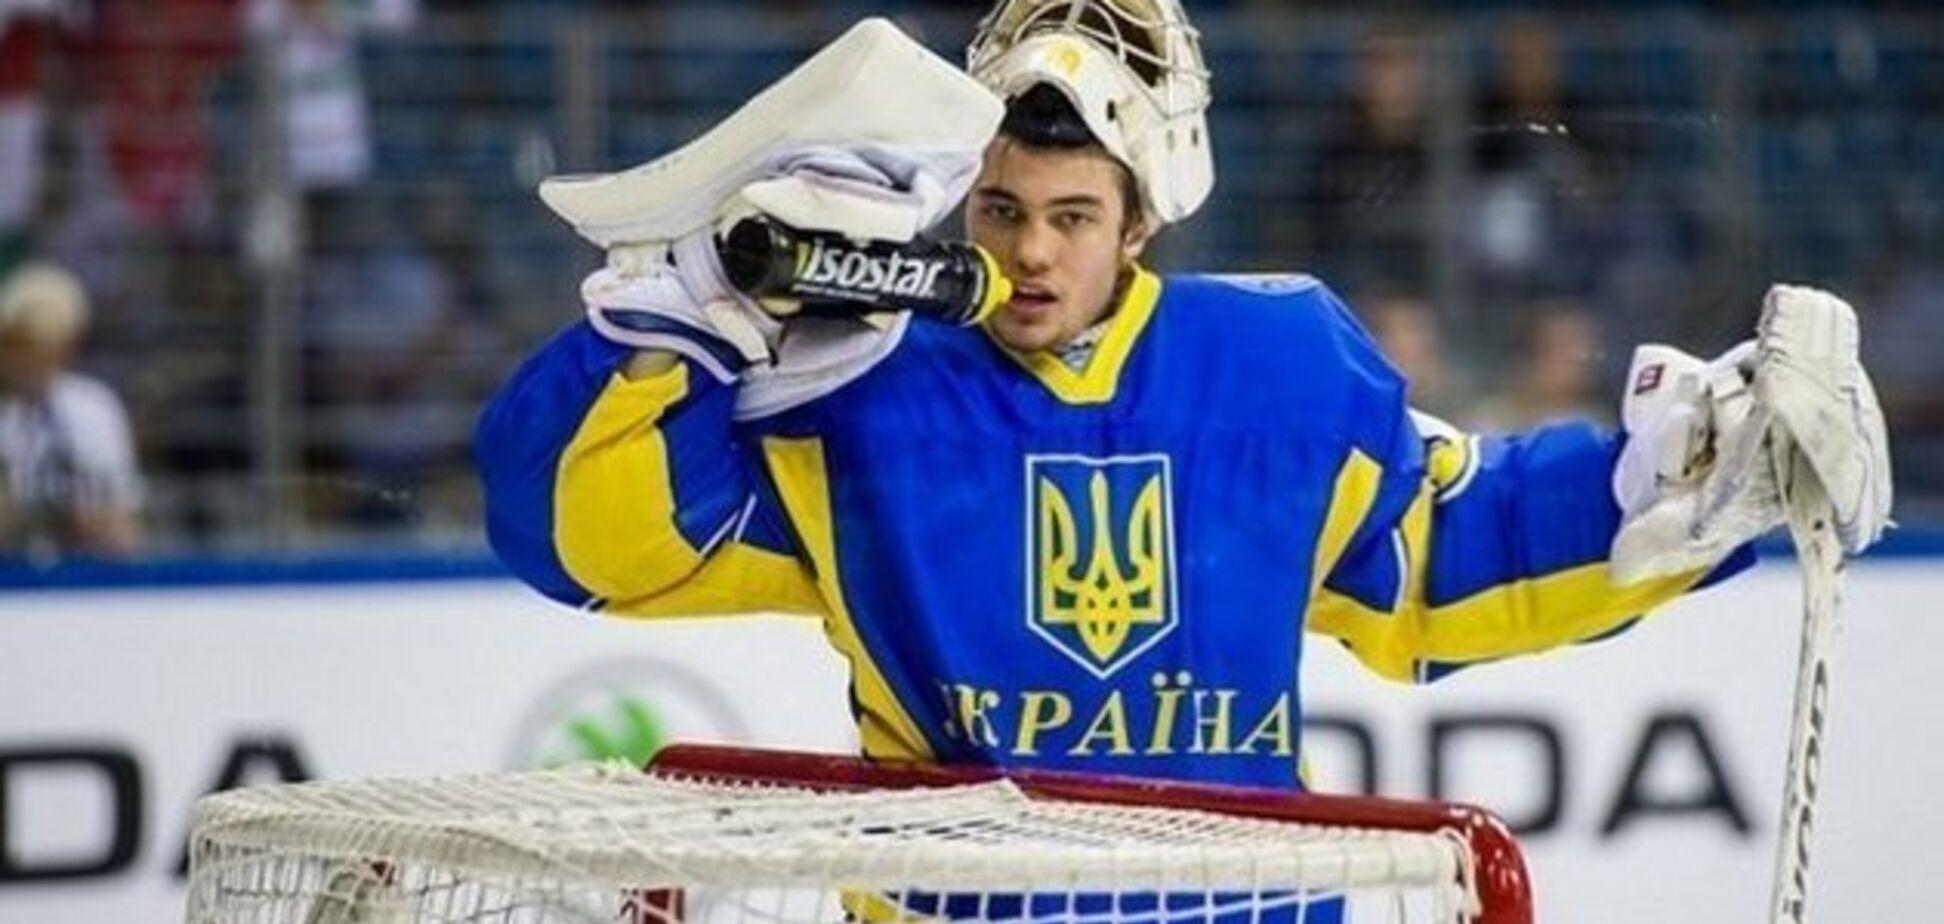 Є паспорт Росії: розкрився жахливий обман екс-хокеїста збірної України